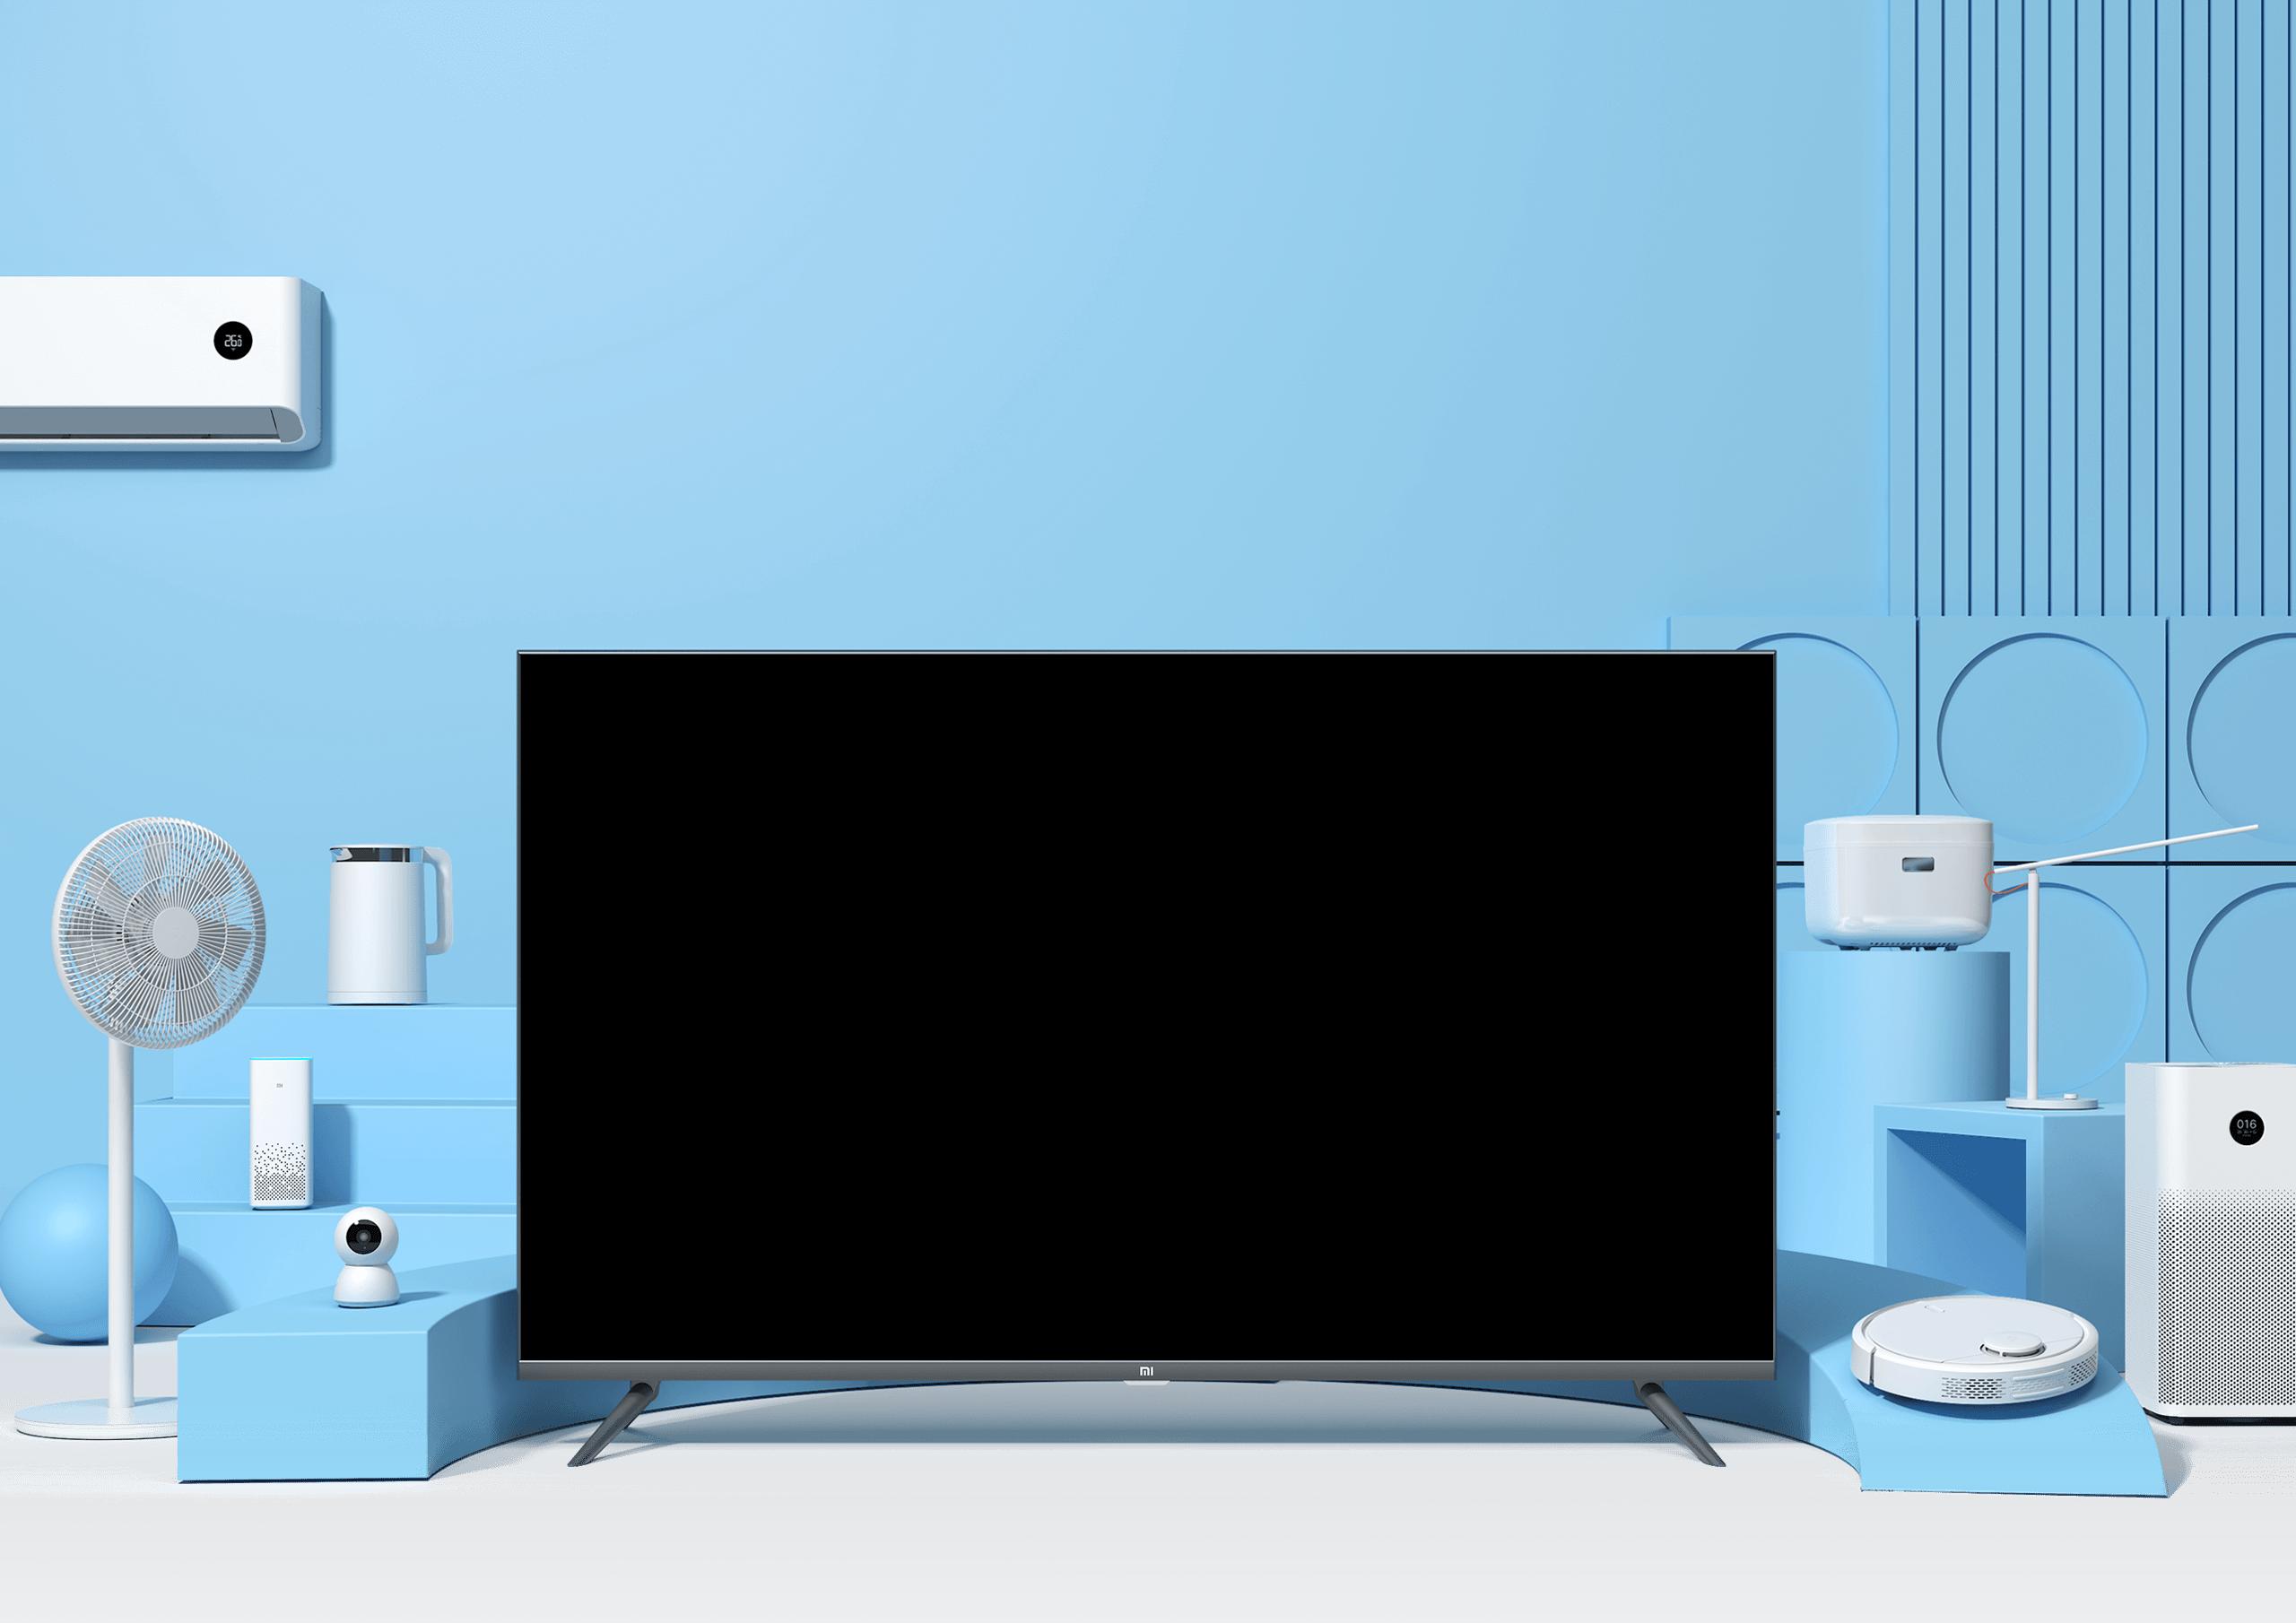 Tivi thông minh Xiaomi E65A cực sang trọng cho không gian hiện đại